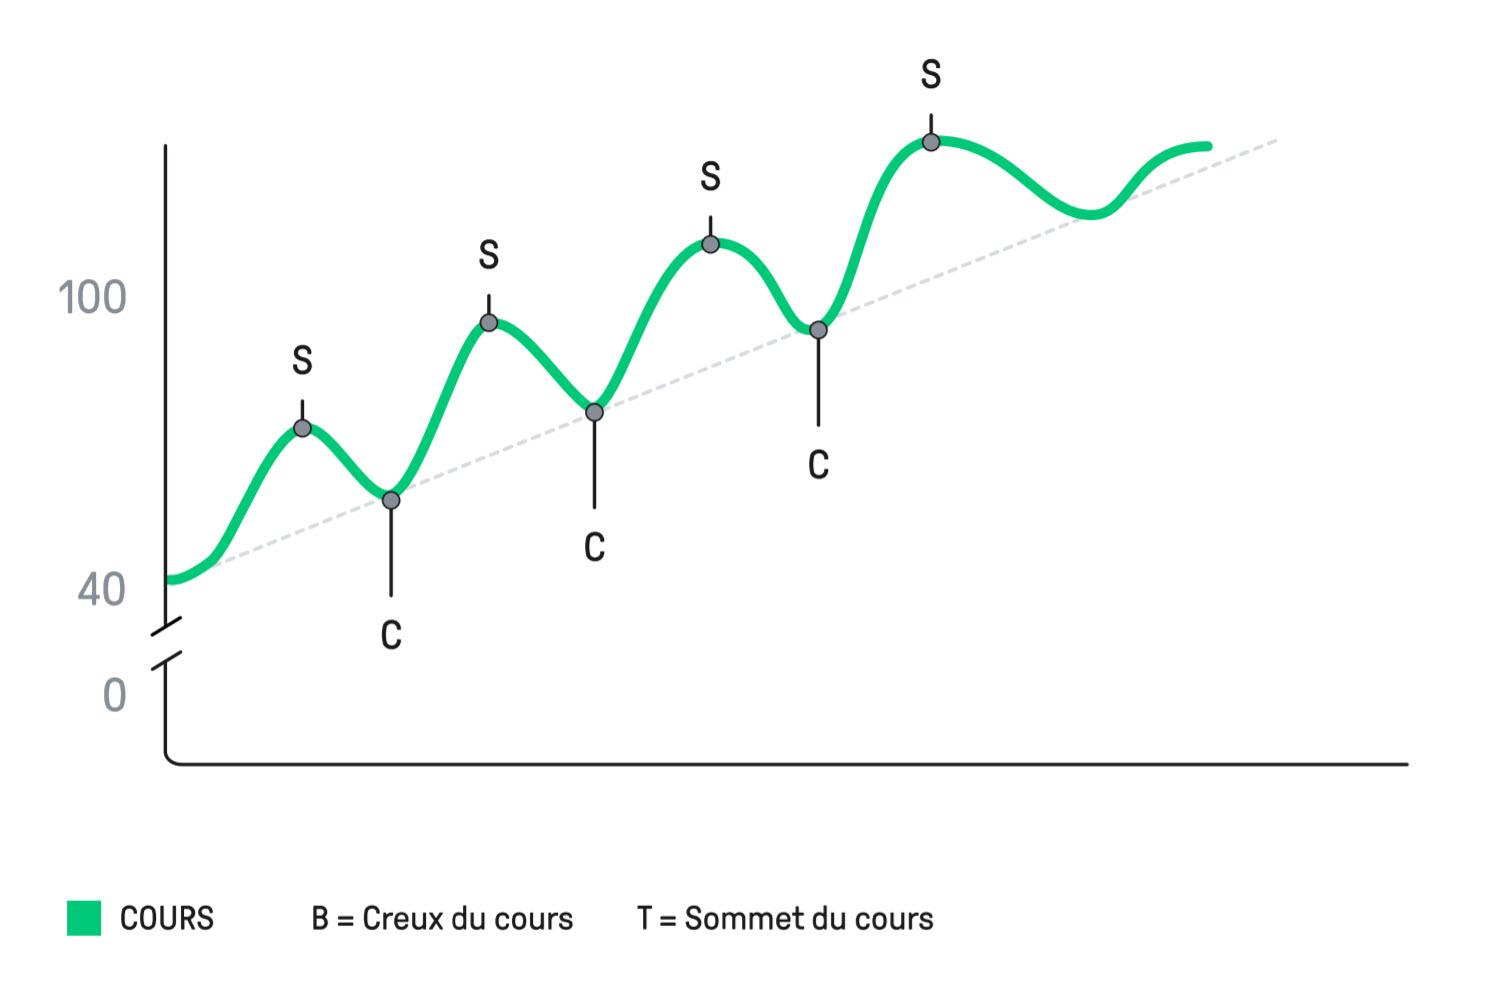 stratégie forex - tendance à la hausse - article 7 Forex eBook